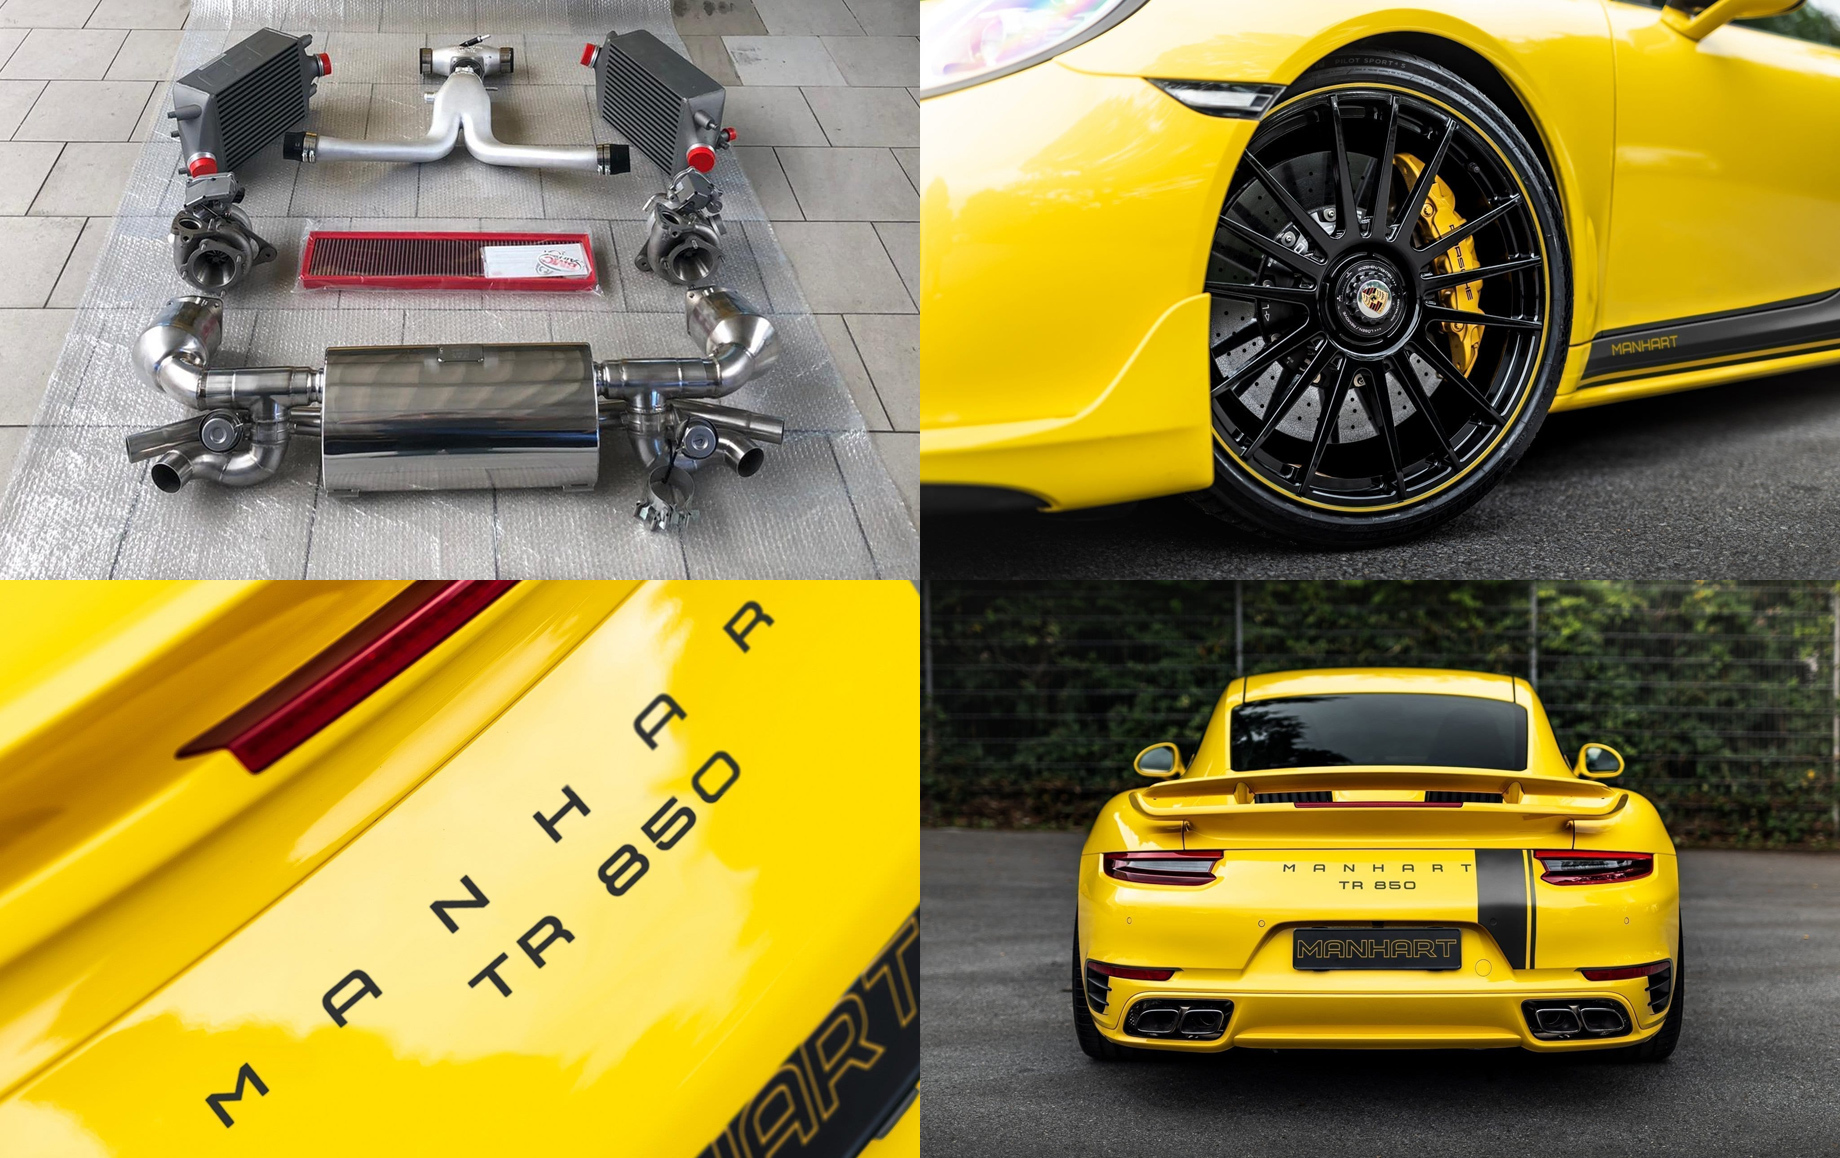 Ателье Manhart позаботилось остаром Porsche 911 Turbo S